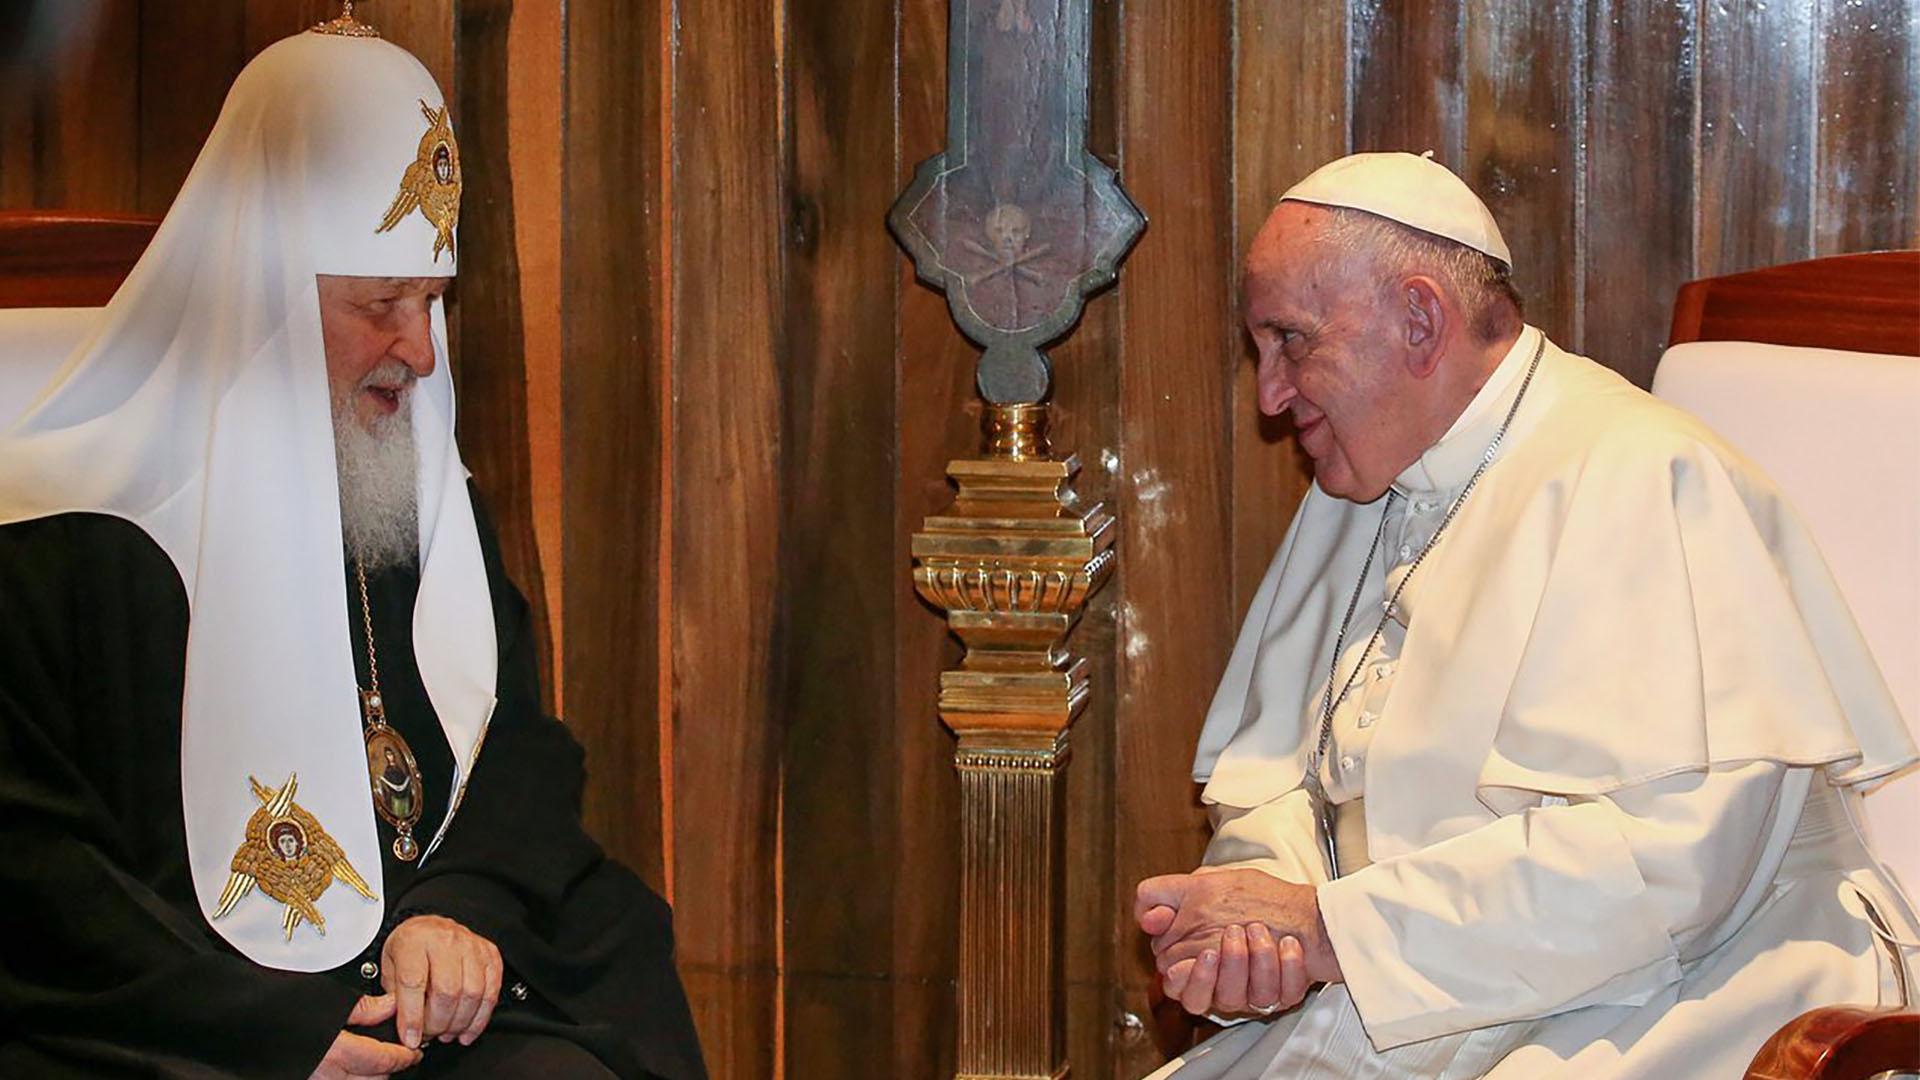 comment s habiller pour rencontrer le pape